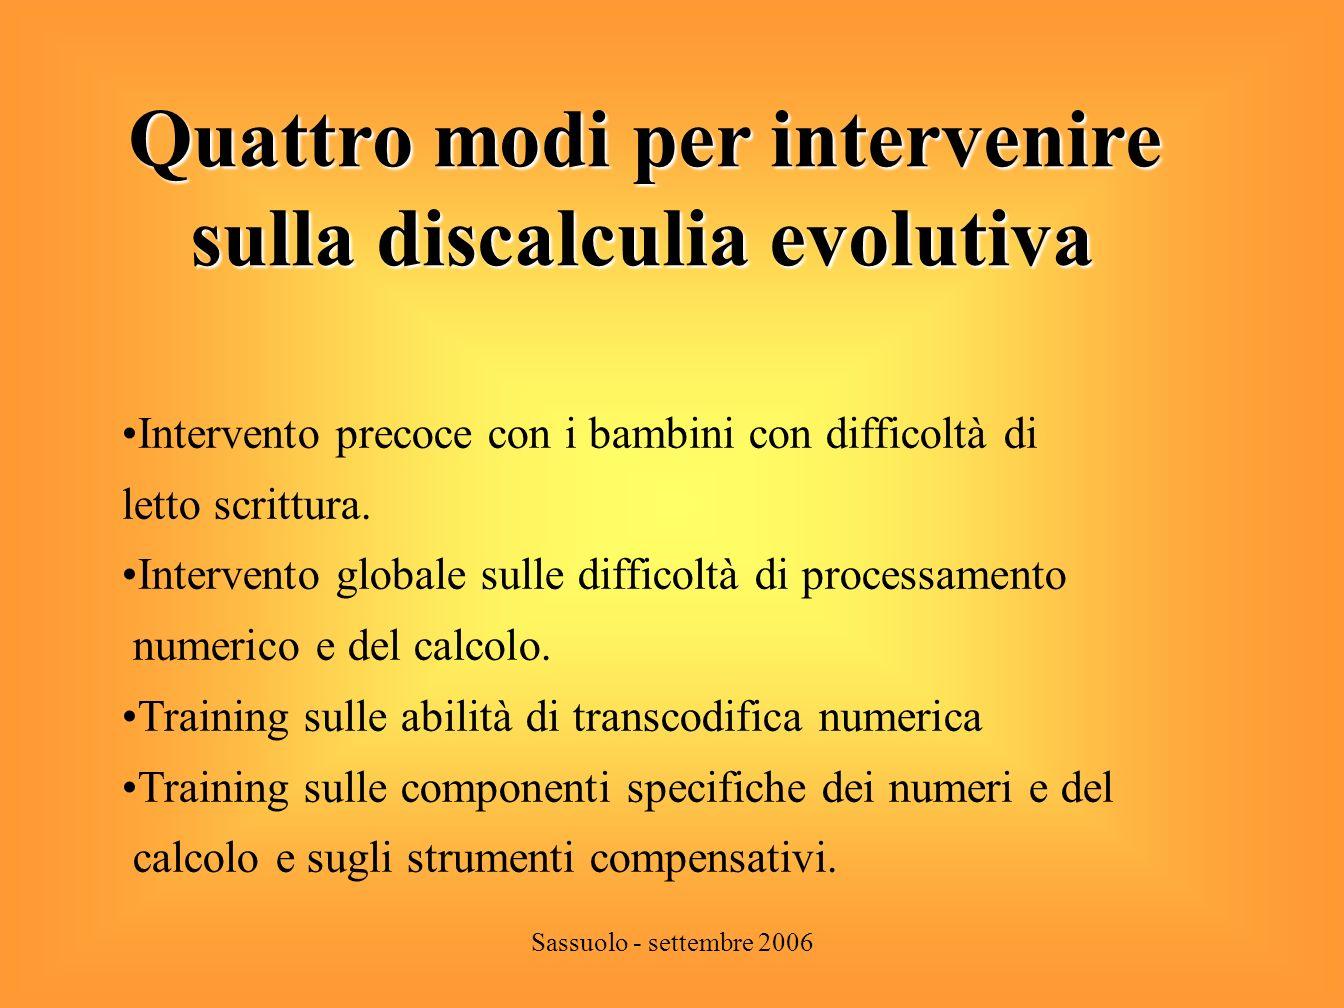 Quattro modi per intervenire sulla discalculia evolutiva